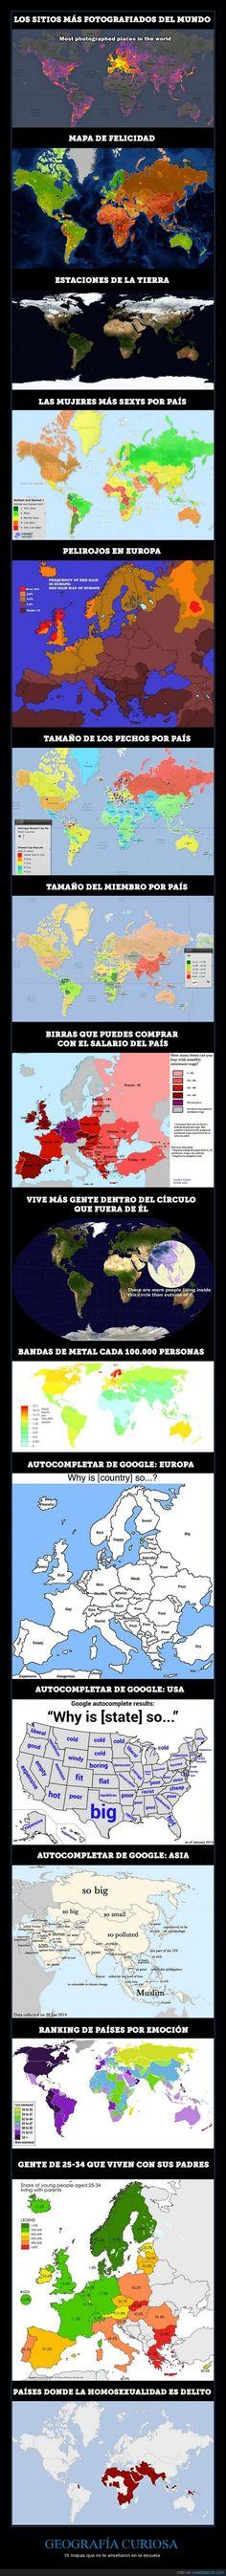 CR_1009350_16_mapas_que_no_te_ensenaron_en_la_escuela_y_ahora_sabras_por_que.jpg (650×7420)